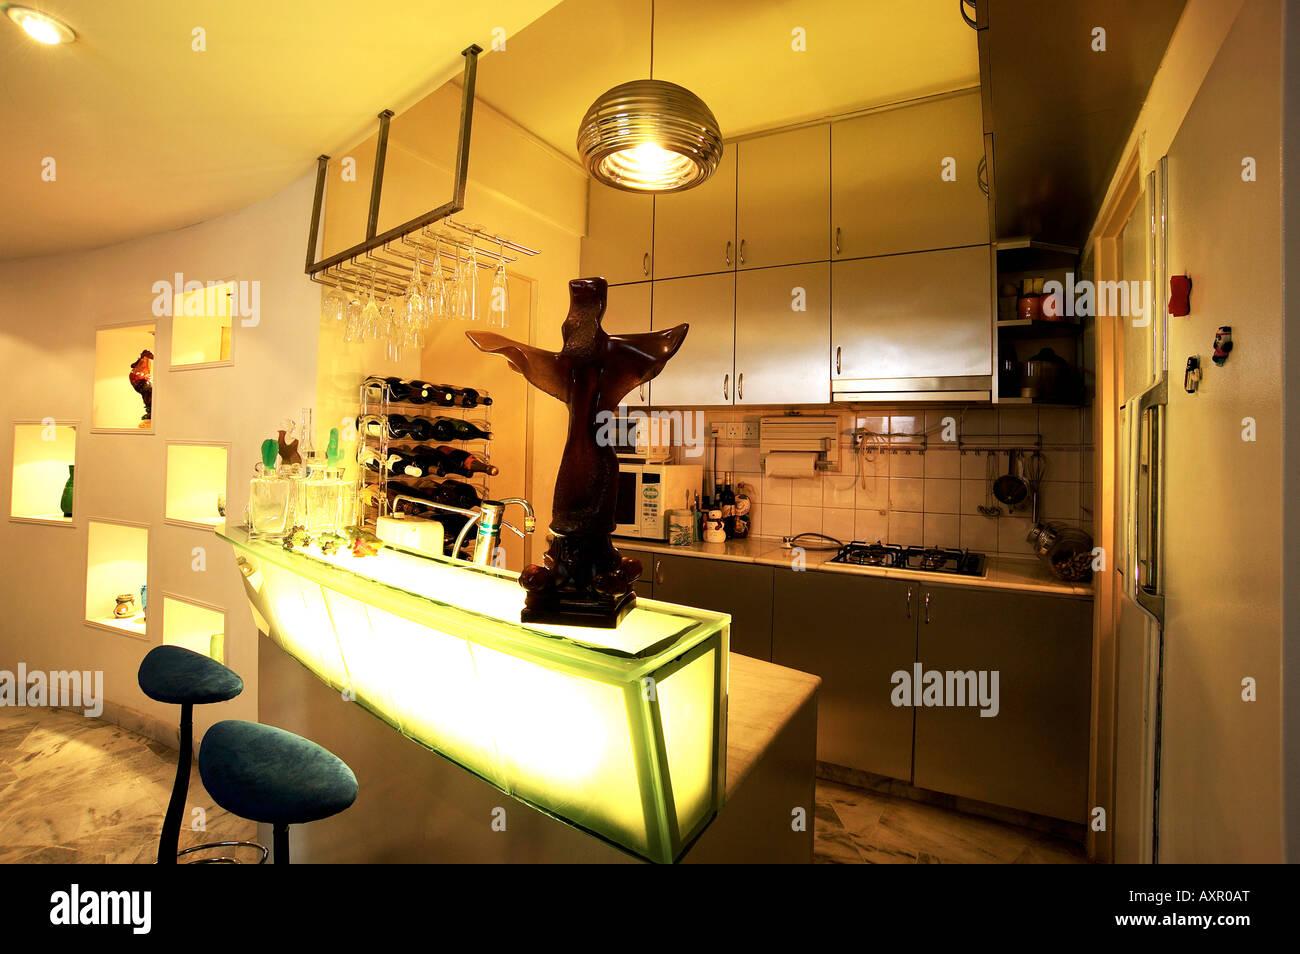 Moderne Küche mit Minibar installiert Stockfoto, Bild: 16900031 - Alamy